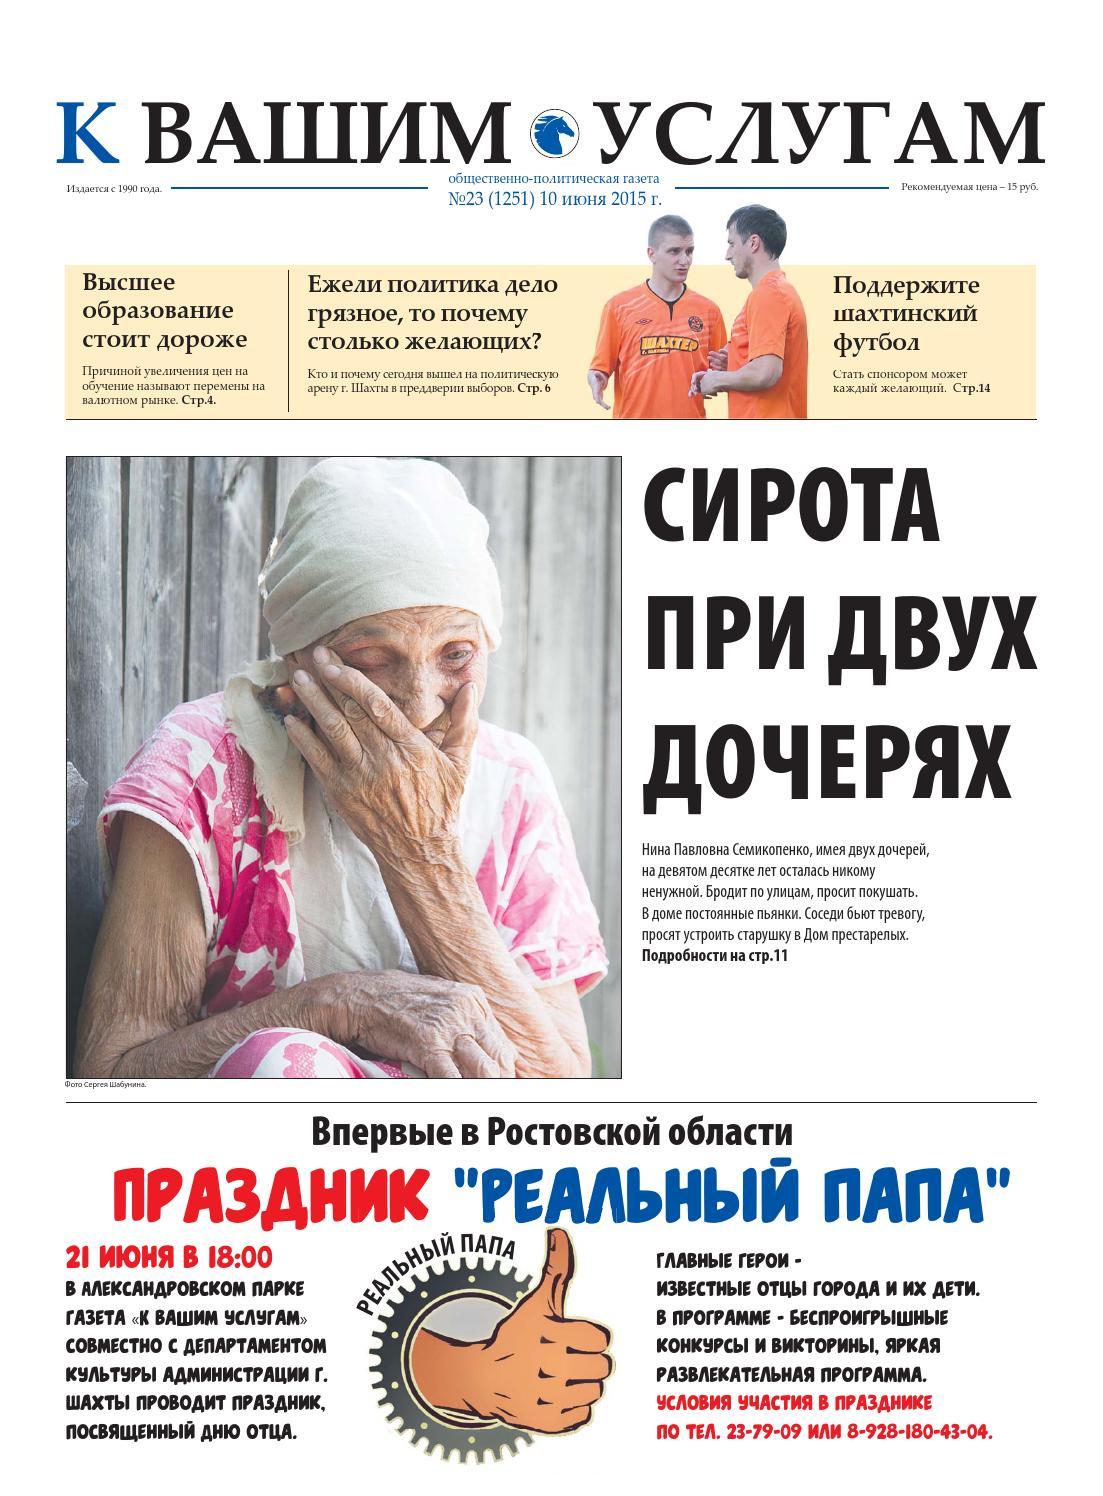 владислав 36 лет бильярд honda 886 г.шахты